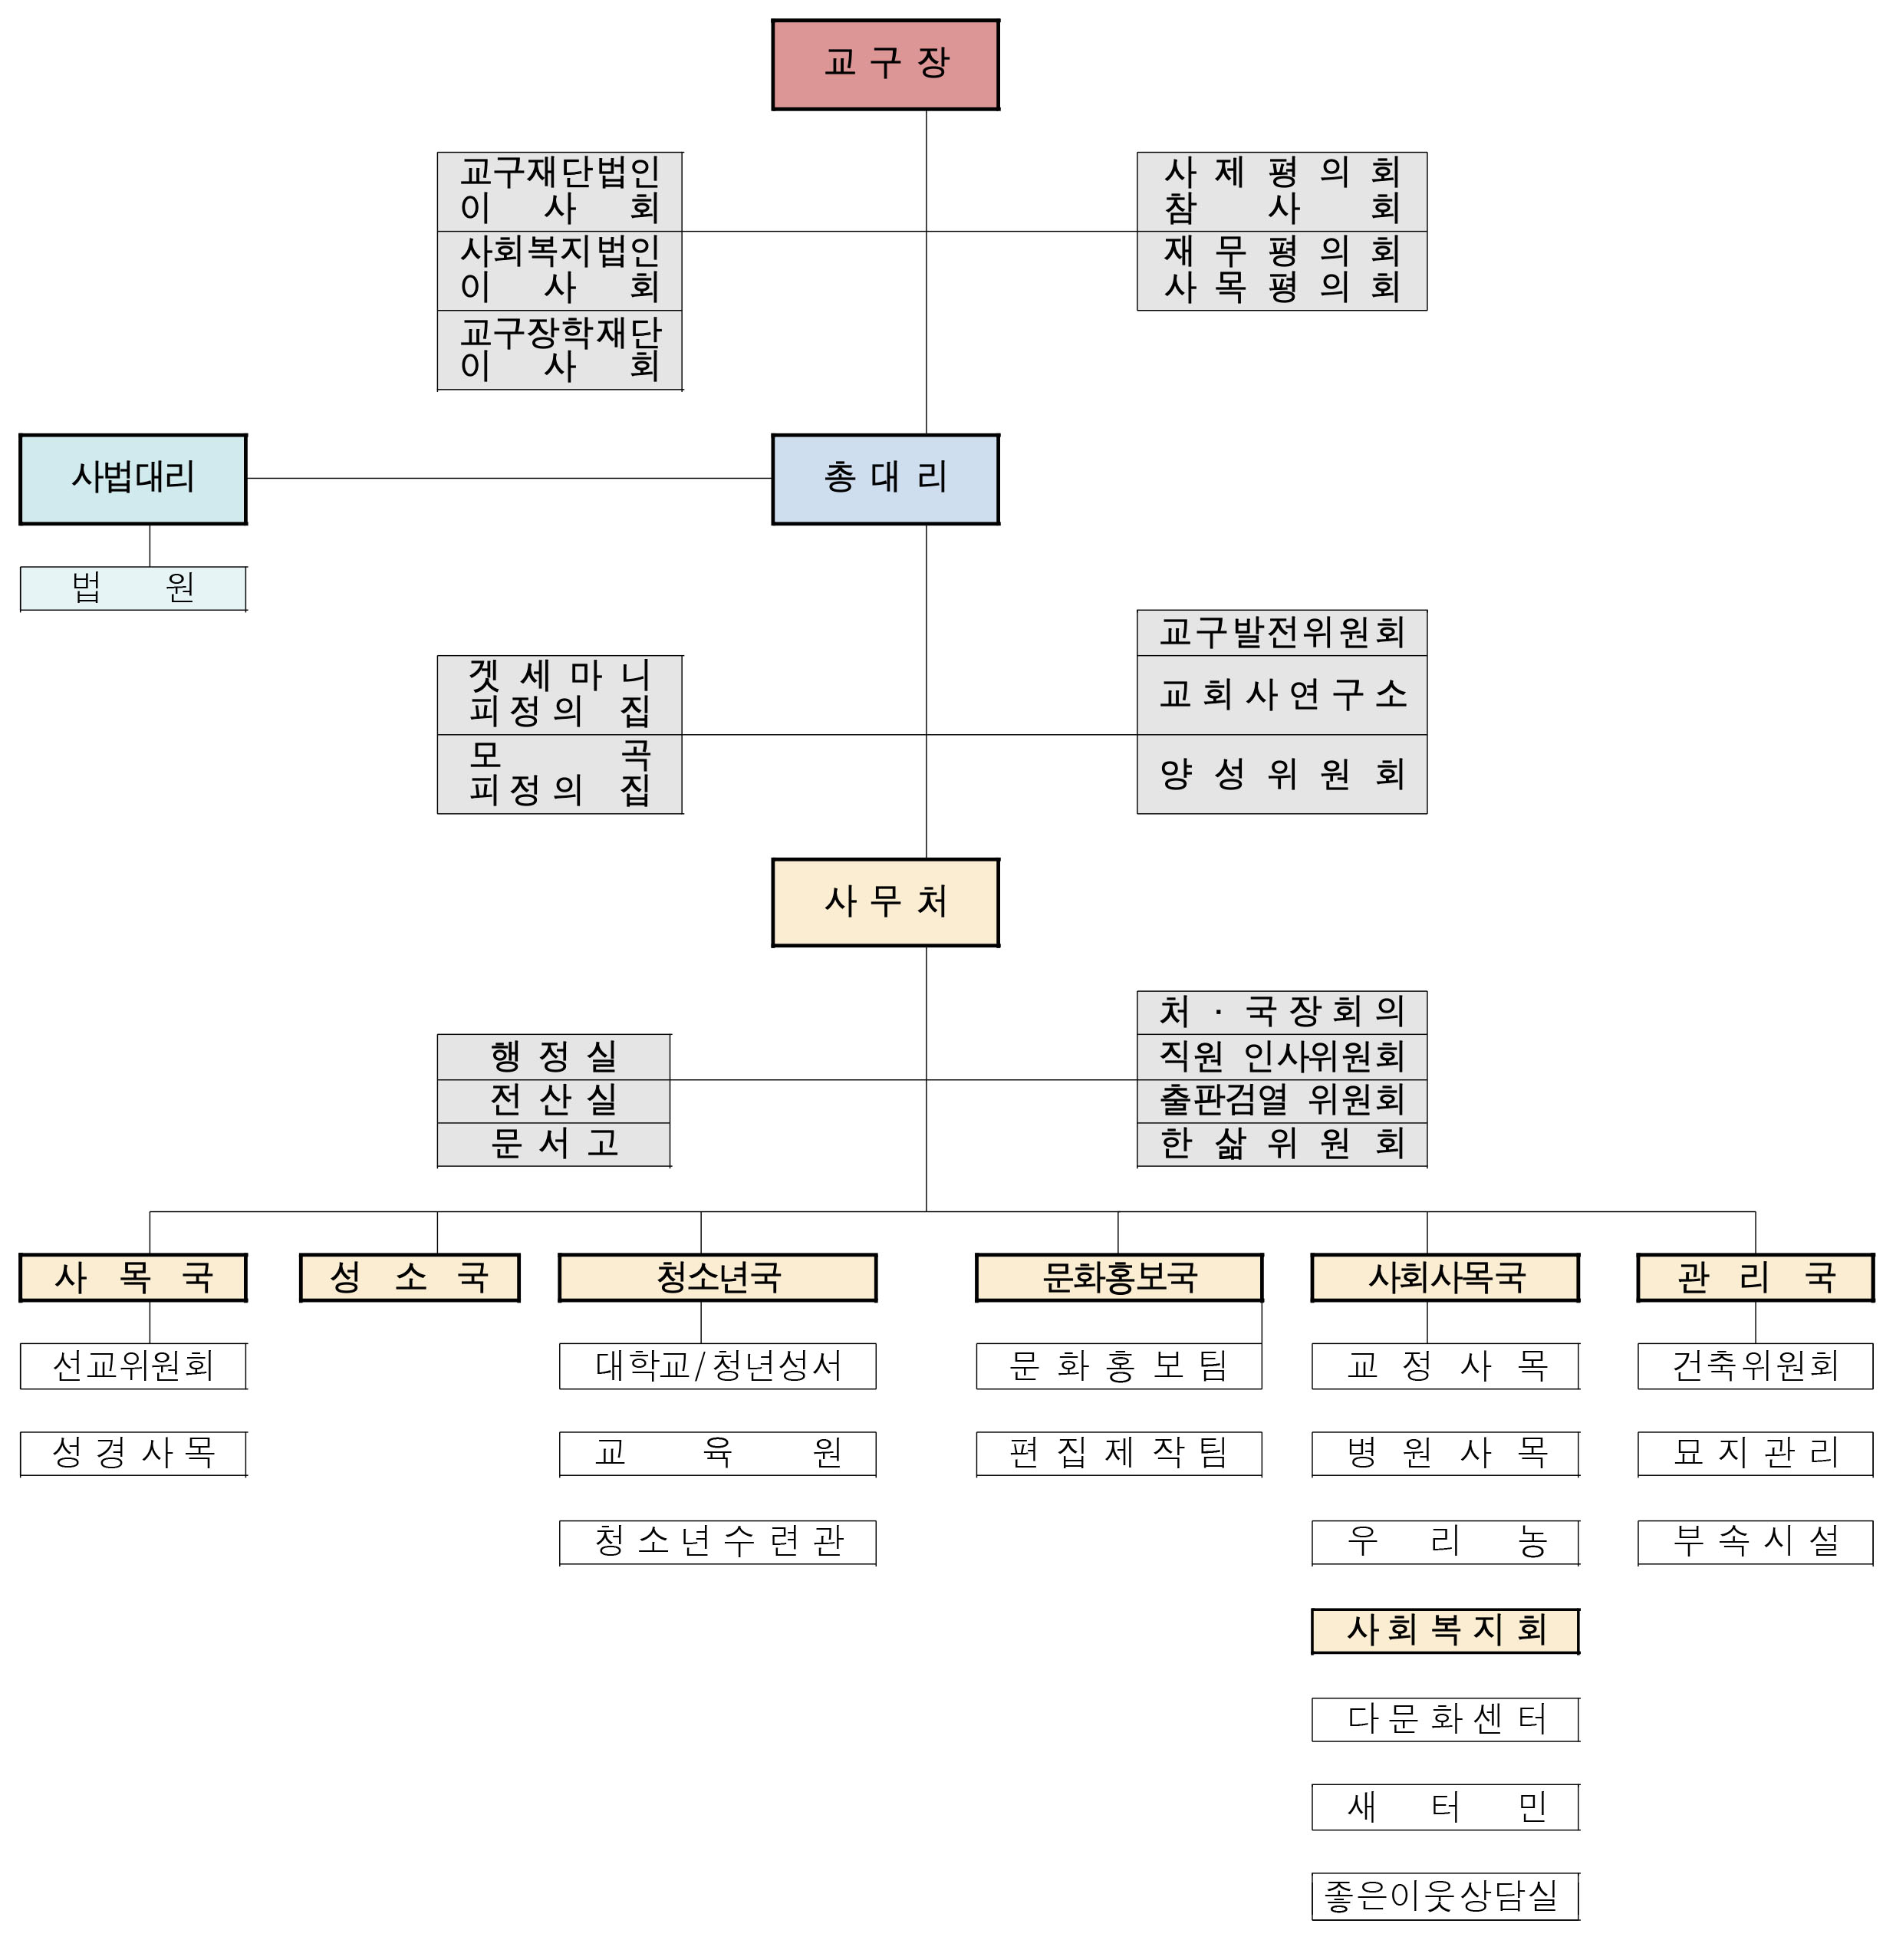 1. 춘천교구 조직도.jpg